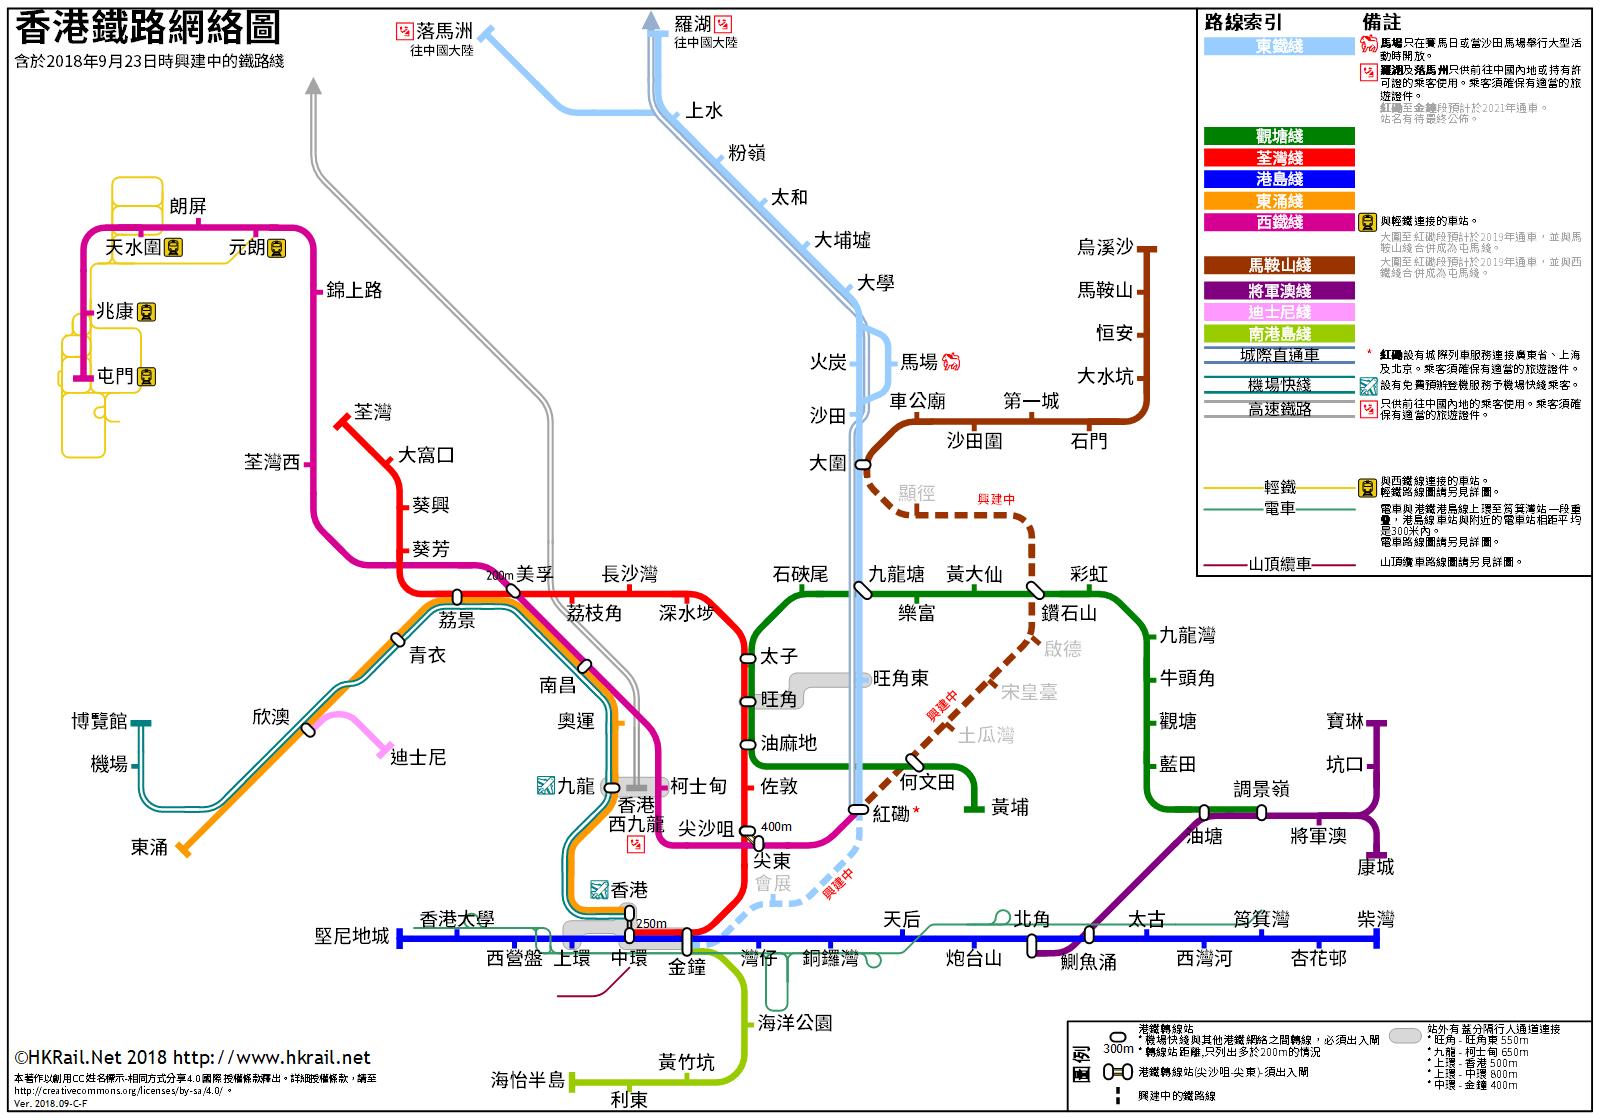 港鐵路線圖,圖片取自www.hkrail.net。